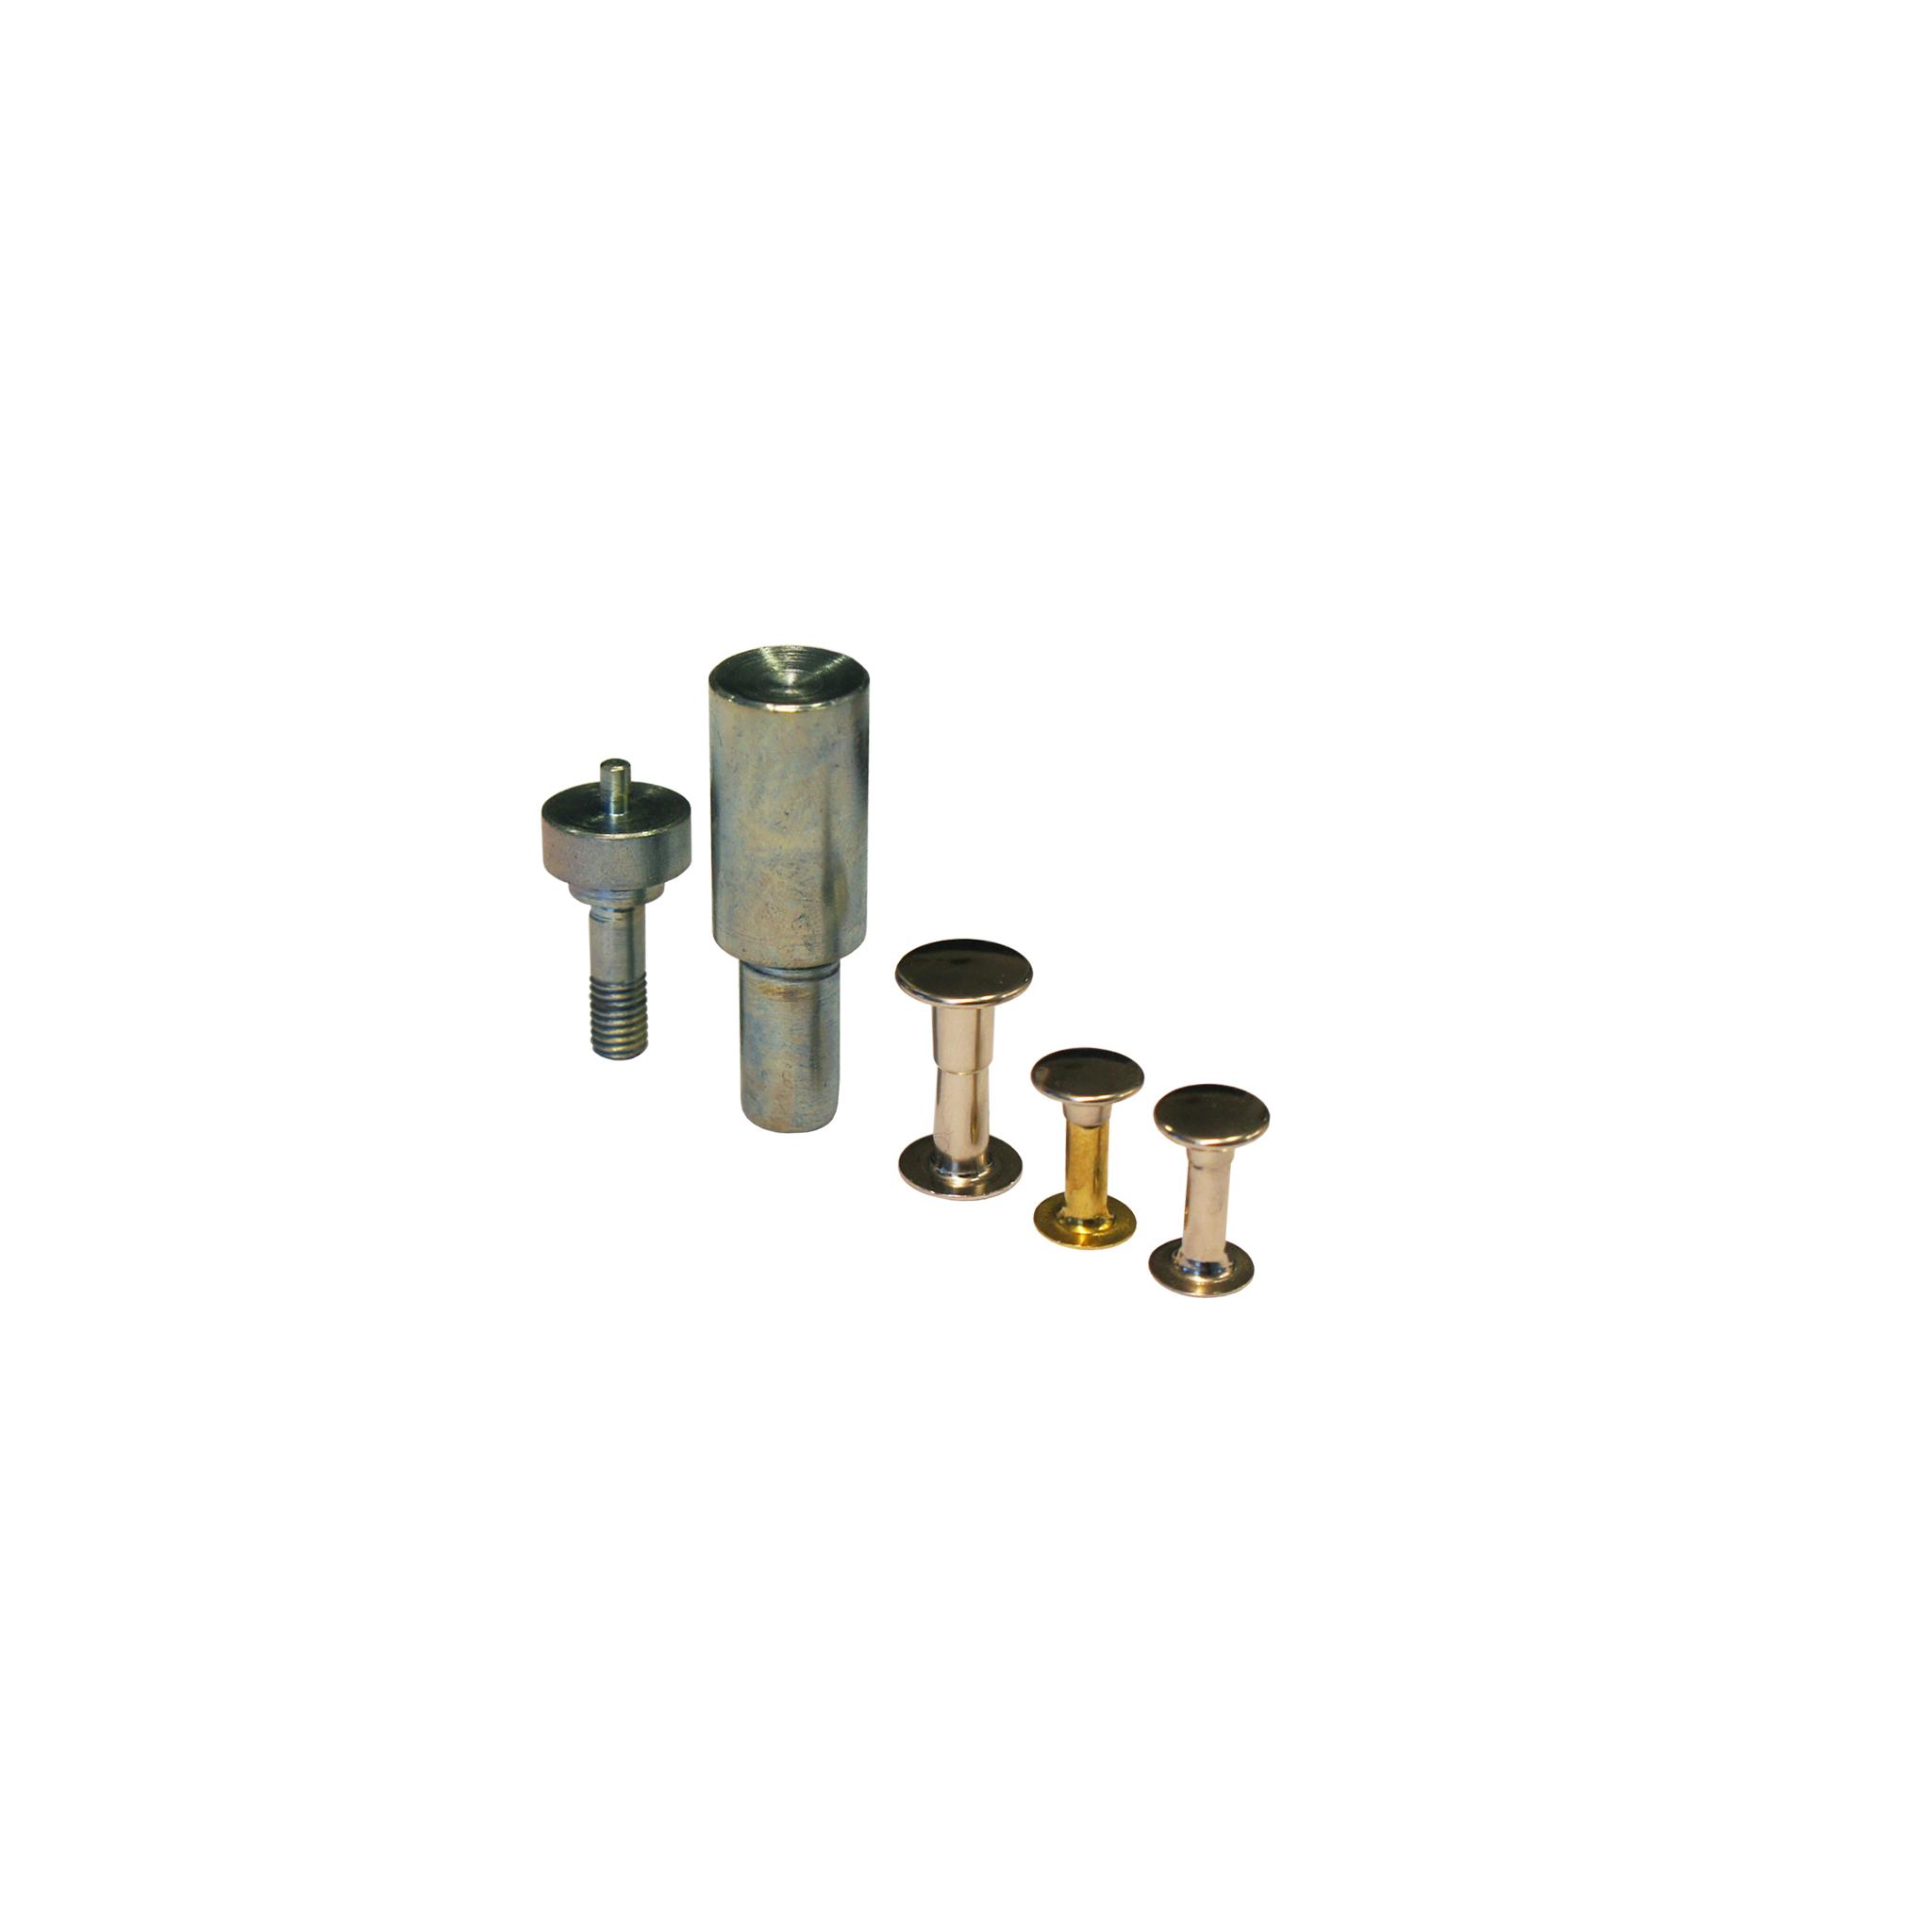 ORT tools & rivets